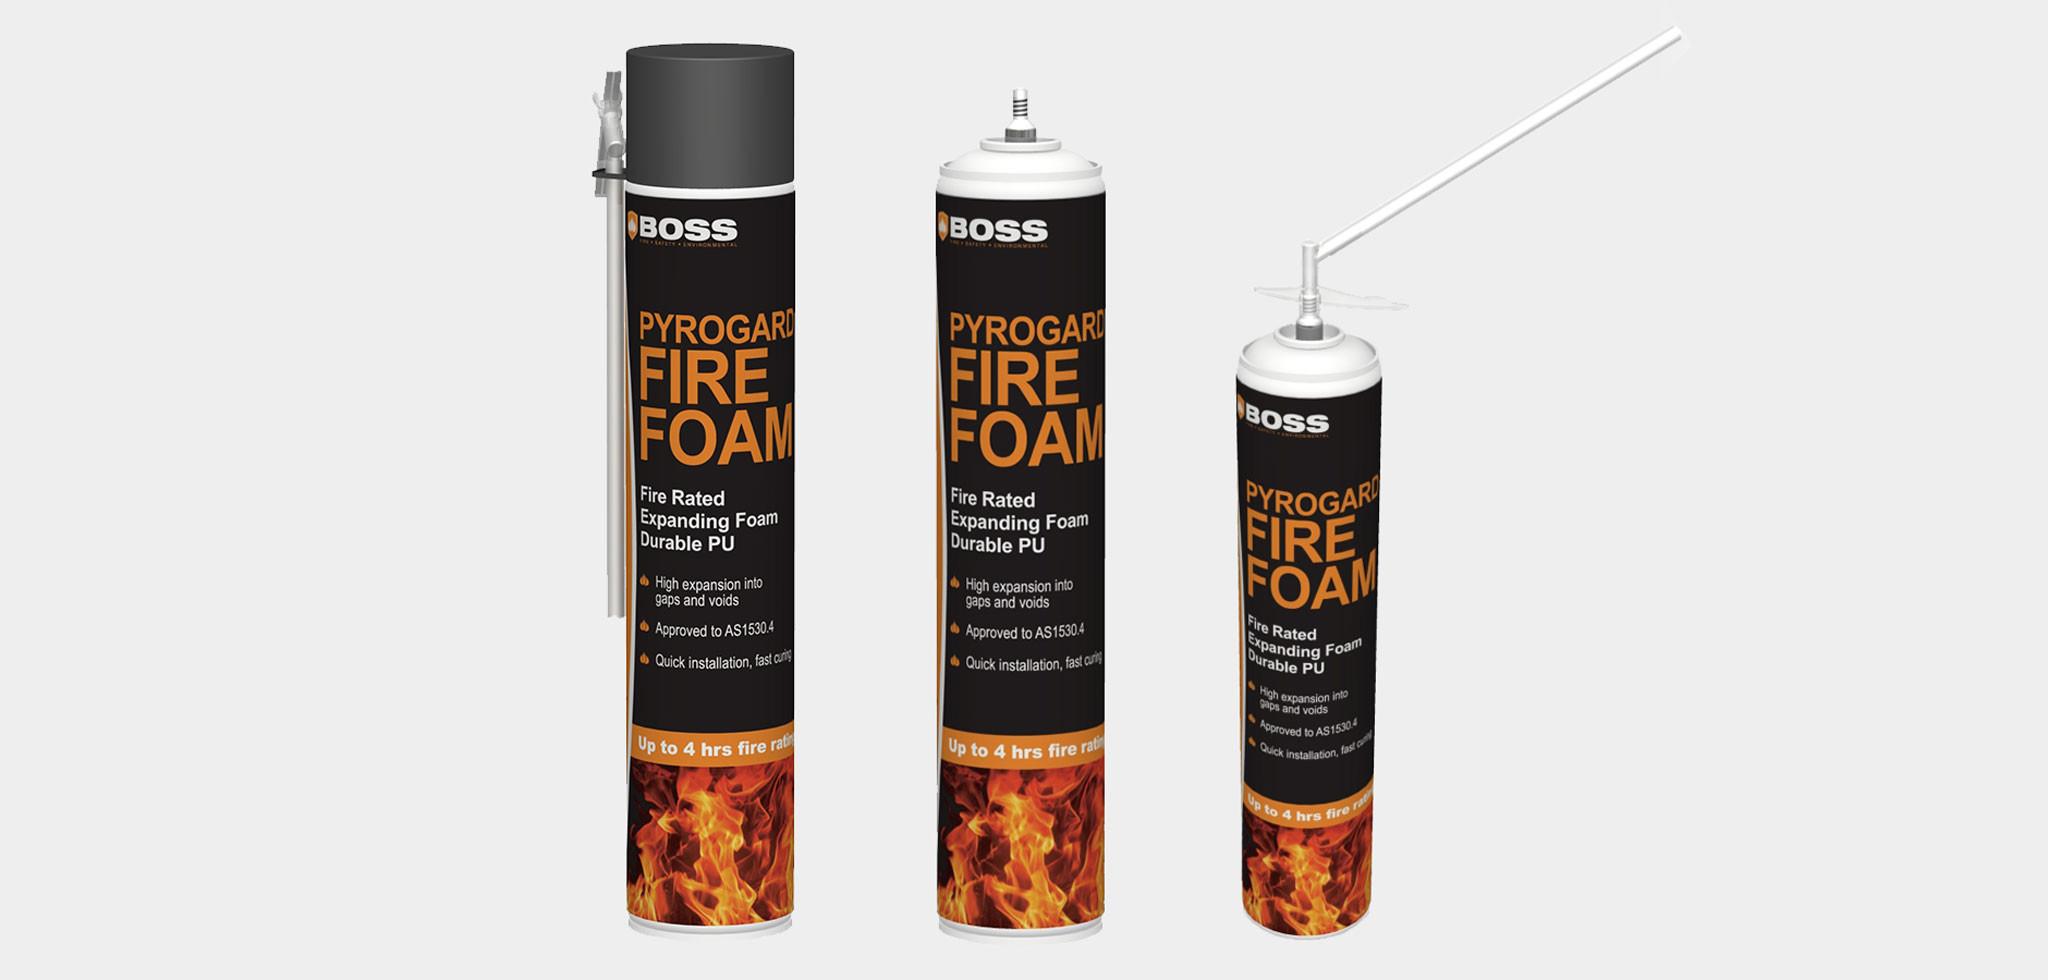 Pyrogard Fire Foam